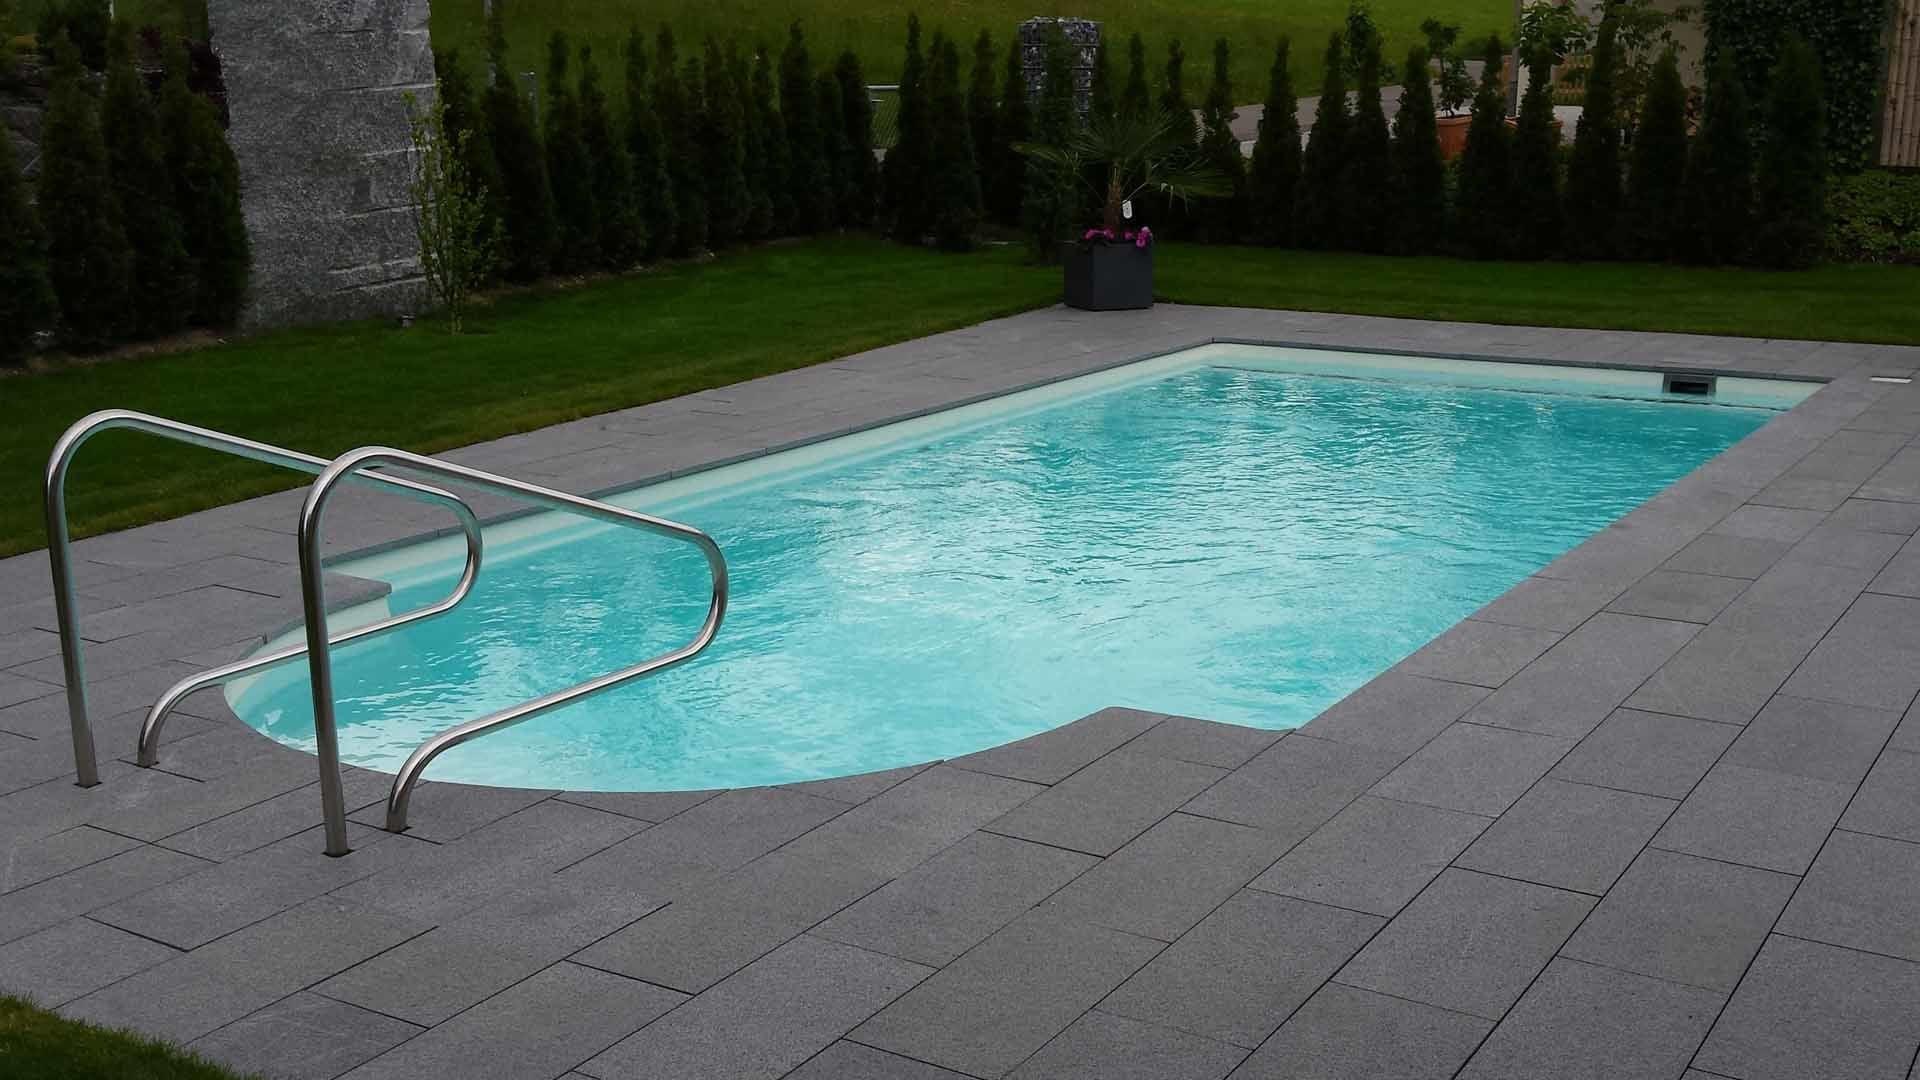 con scale romane piscine prefabbricate monoblocco. Black Bedroom Furniture Sets. Home Design Ideas